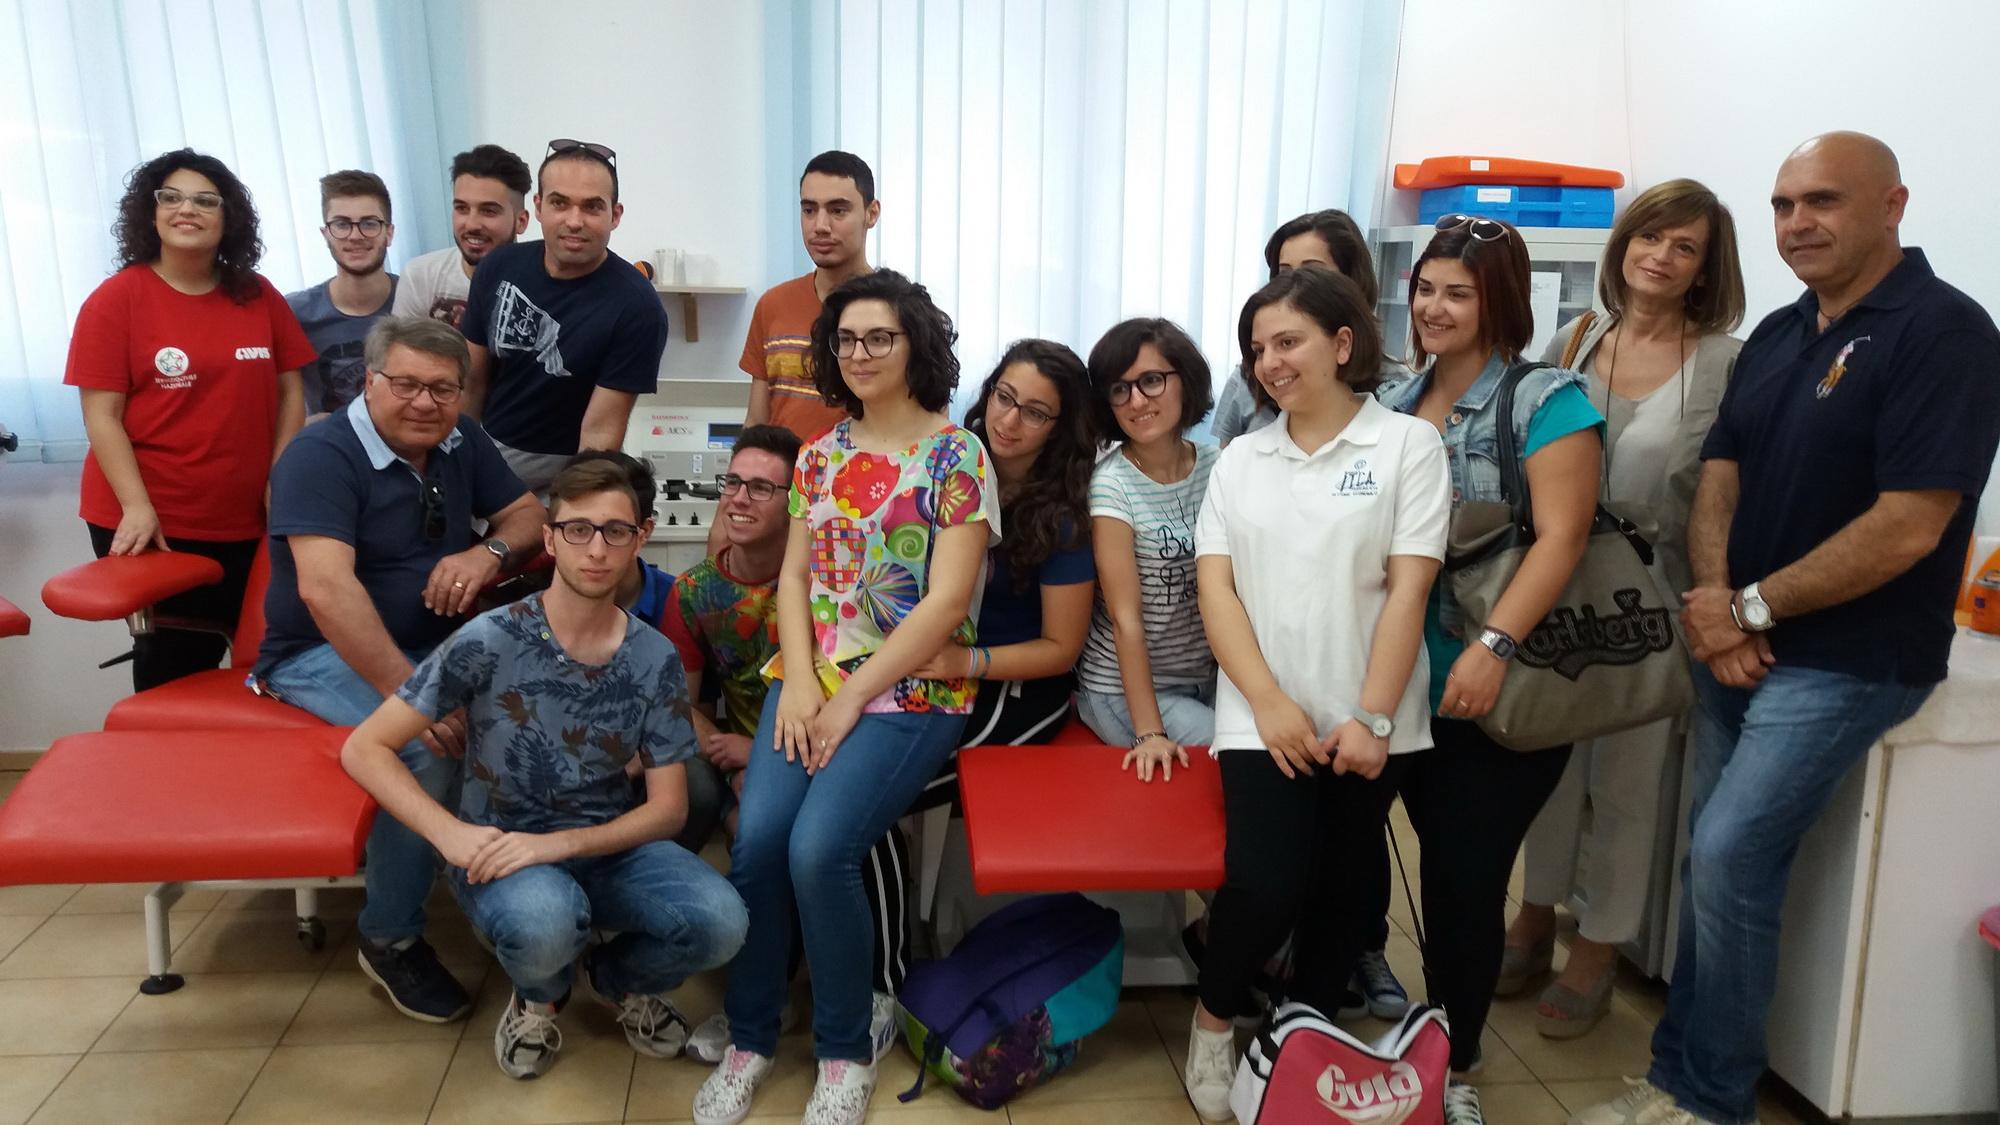 Studenti del Fabio Besta in visita alla sede Avis prima di andare in vacanza